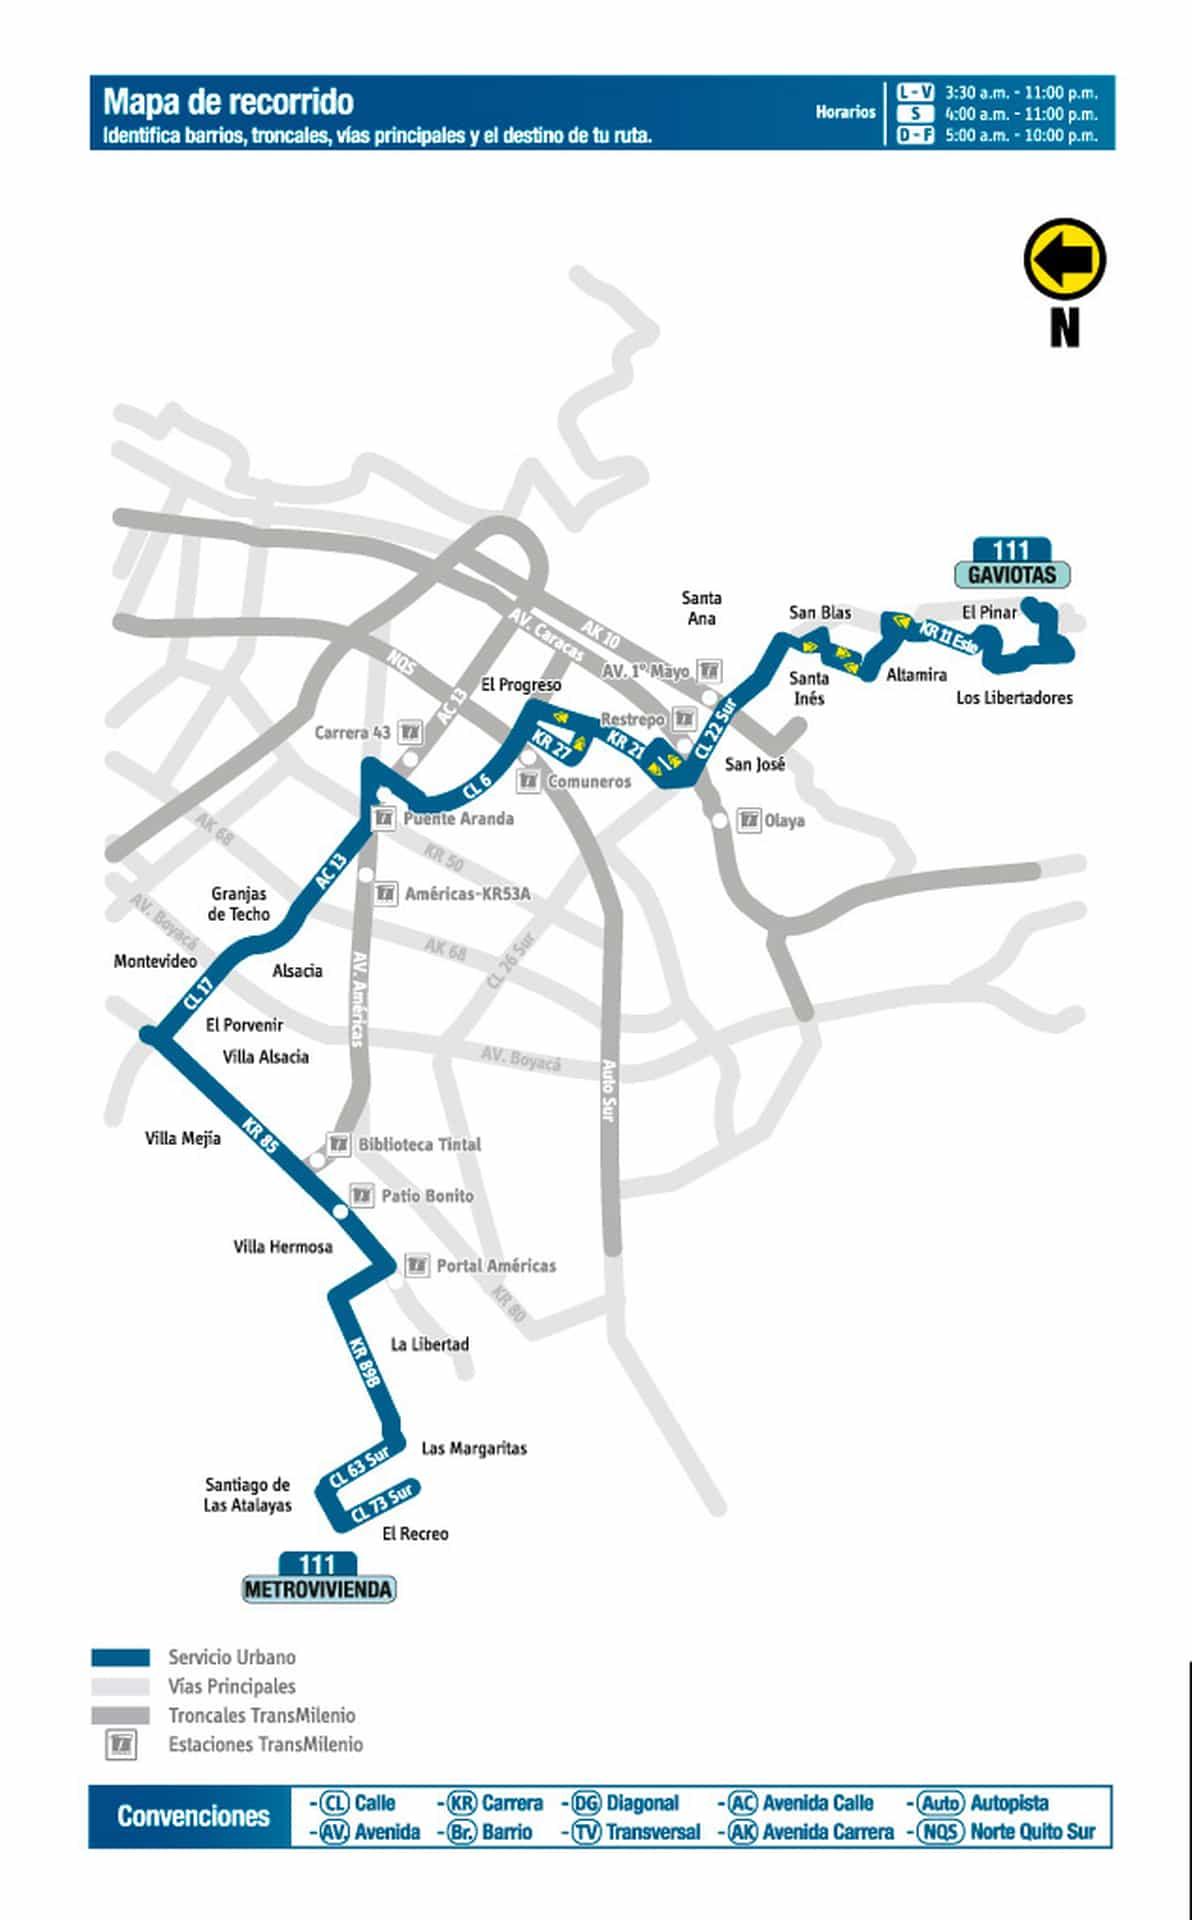 Mapa 111 Metrovivienda - San Rafael Sur Oriental